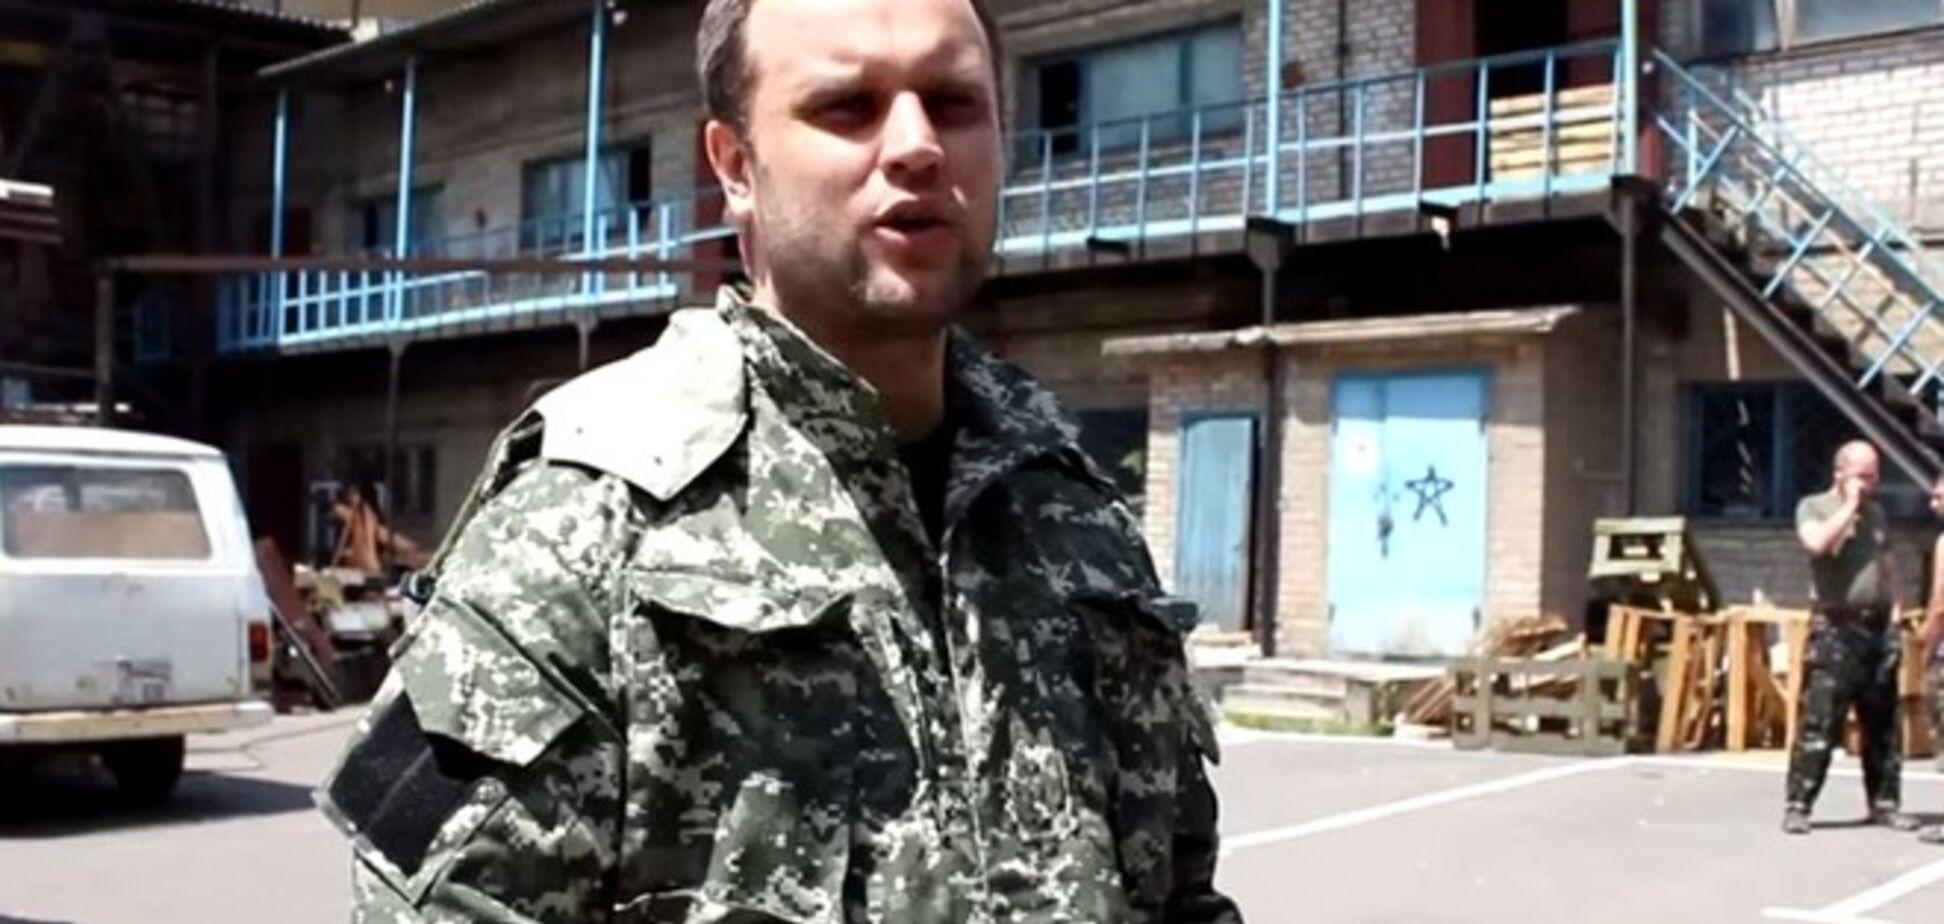 Губарев заявляет, что русская церковь благословила террористов на 'войну'